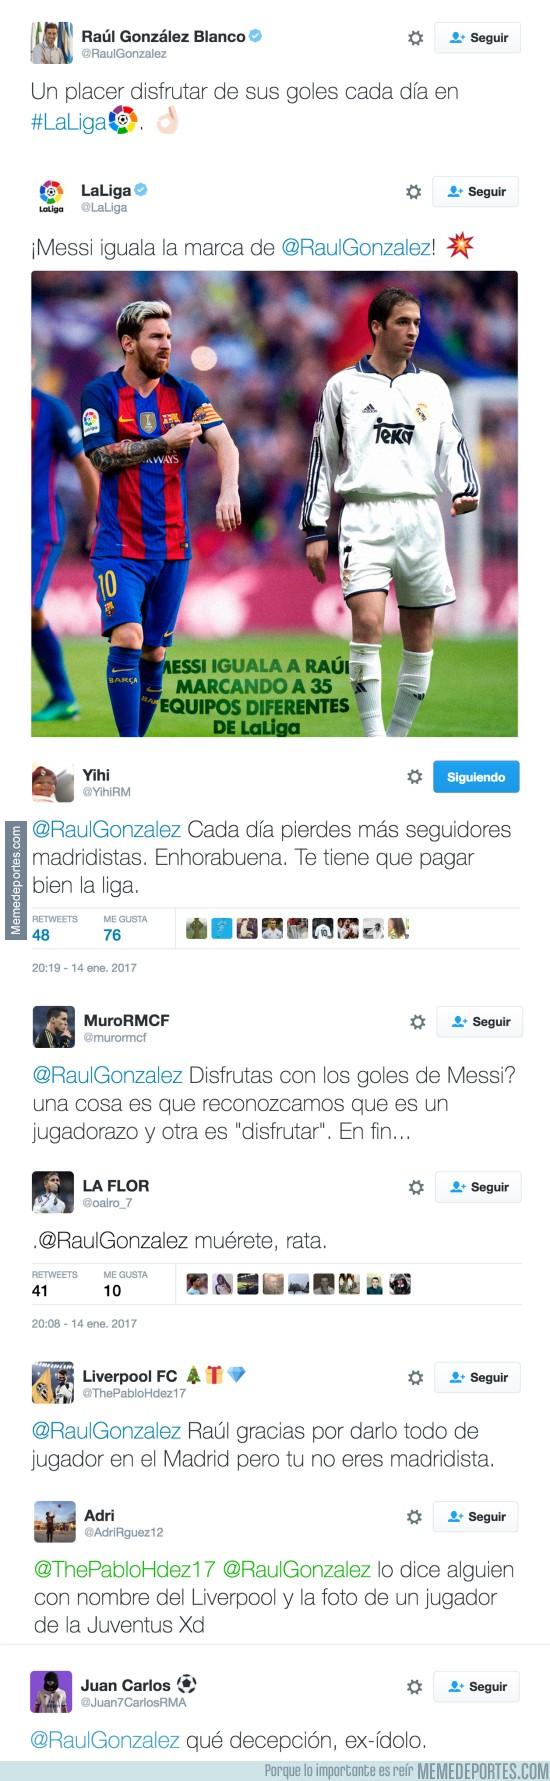 939497 - Madridistas insultando a Raúl tras alabar a Messi en Twitter